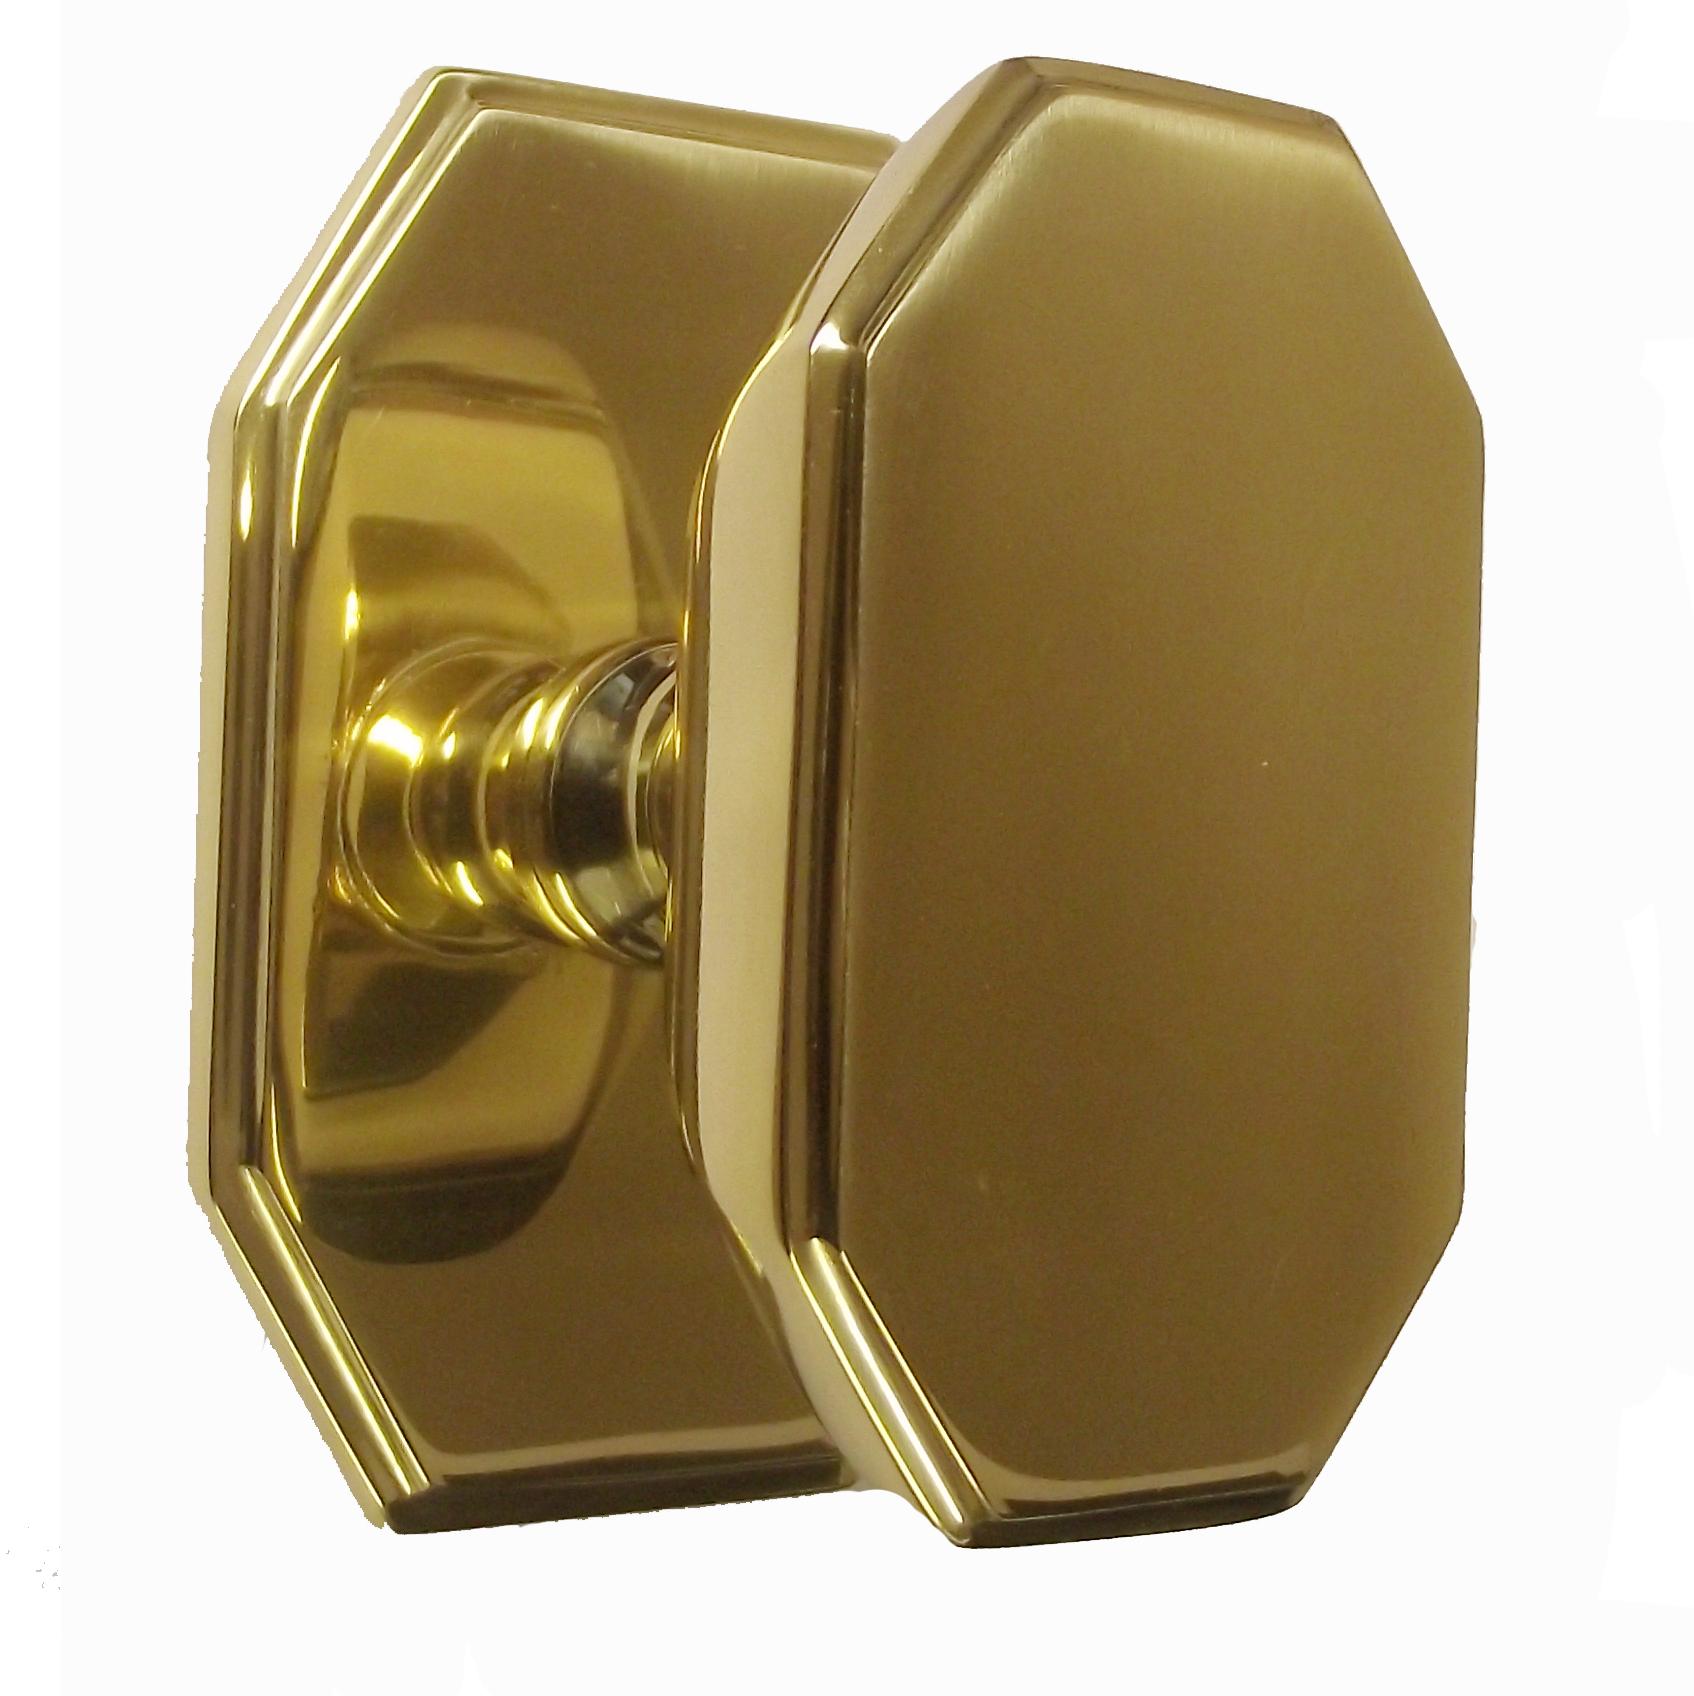 Snobsknobs exterior door knobs archives page 4 of 5 for Door knobs uk